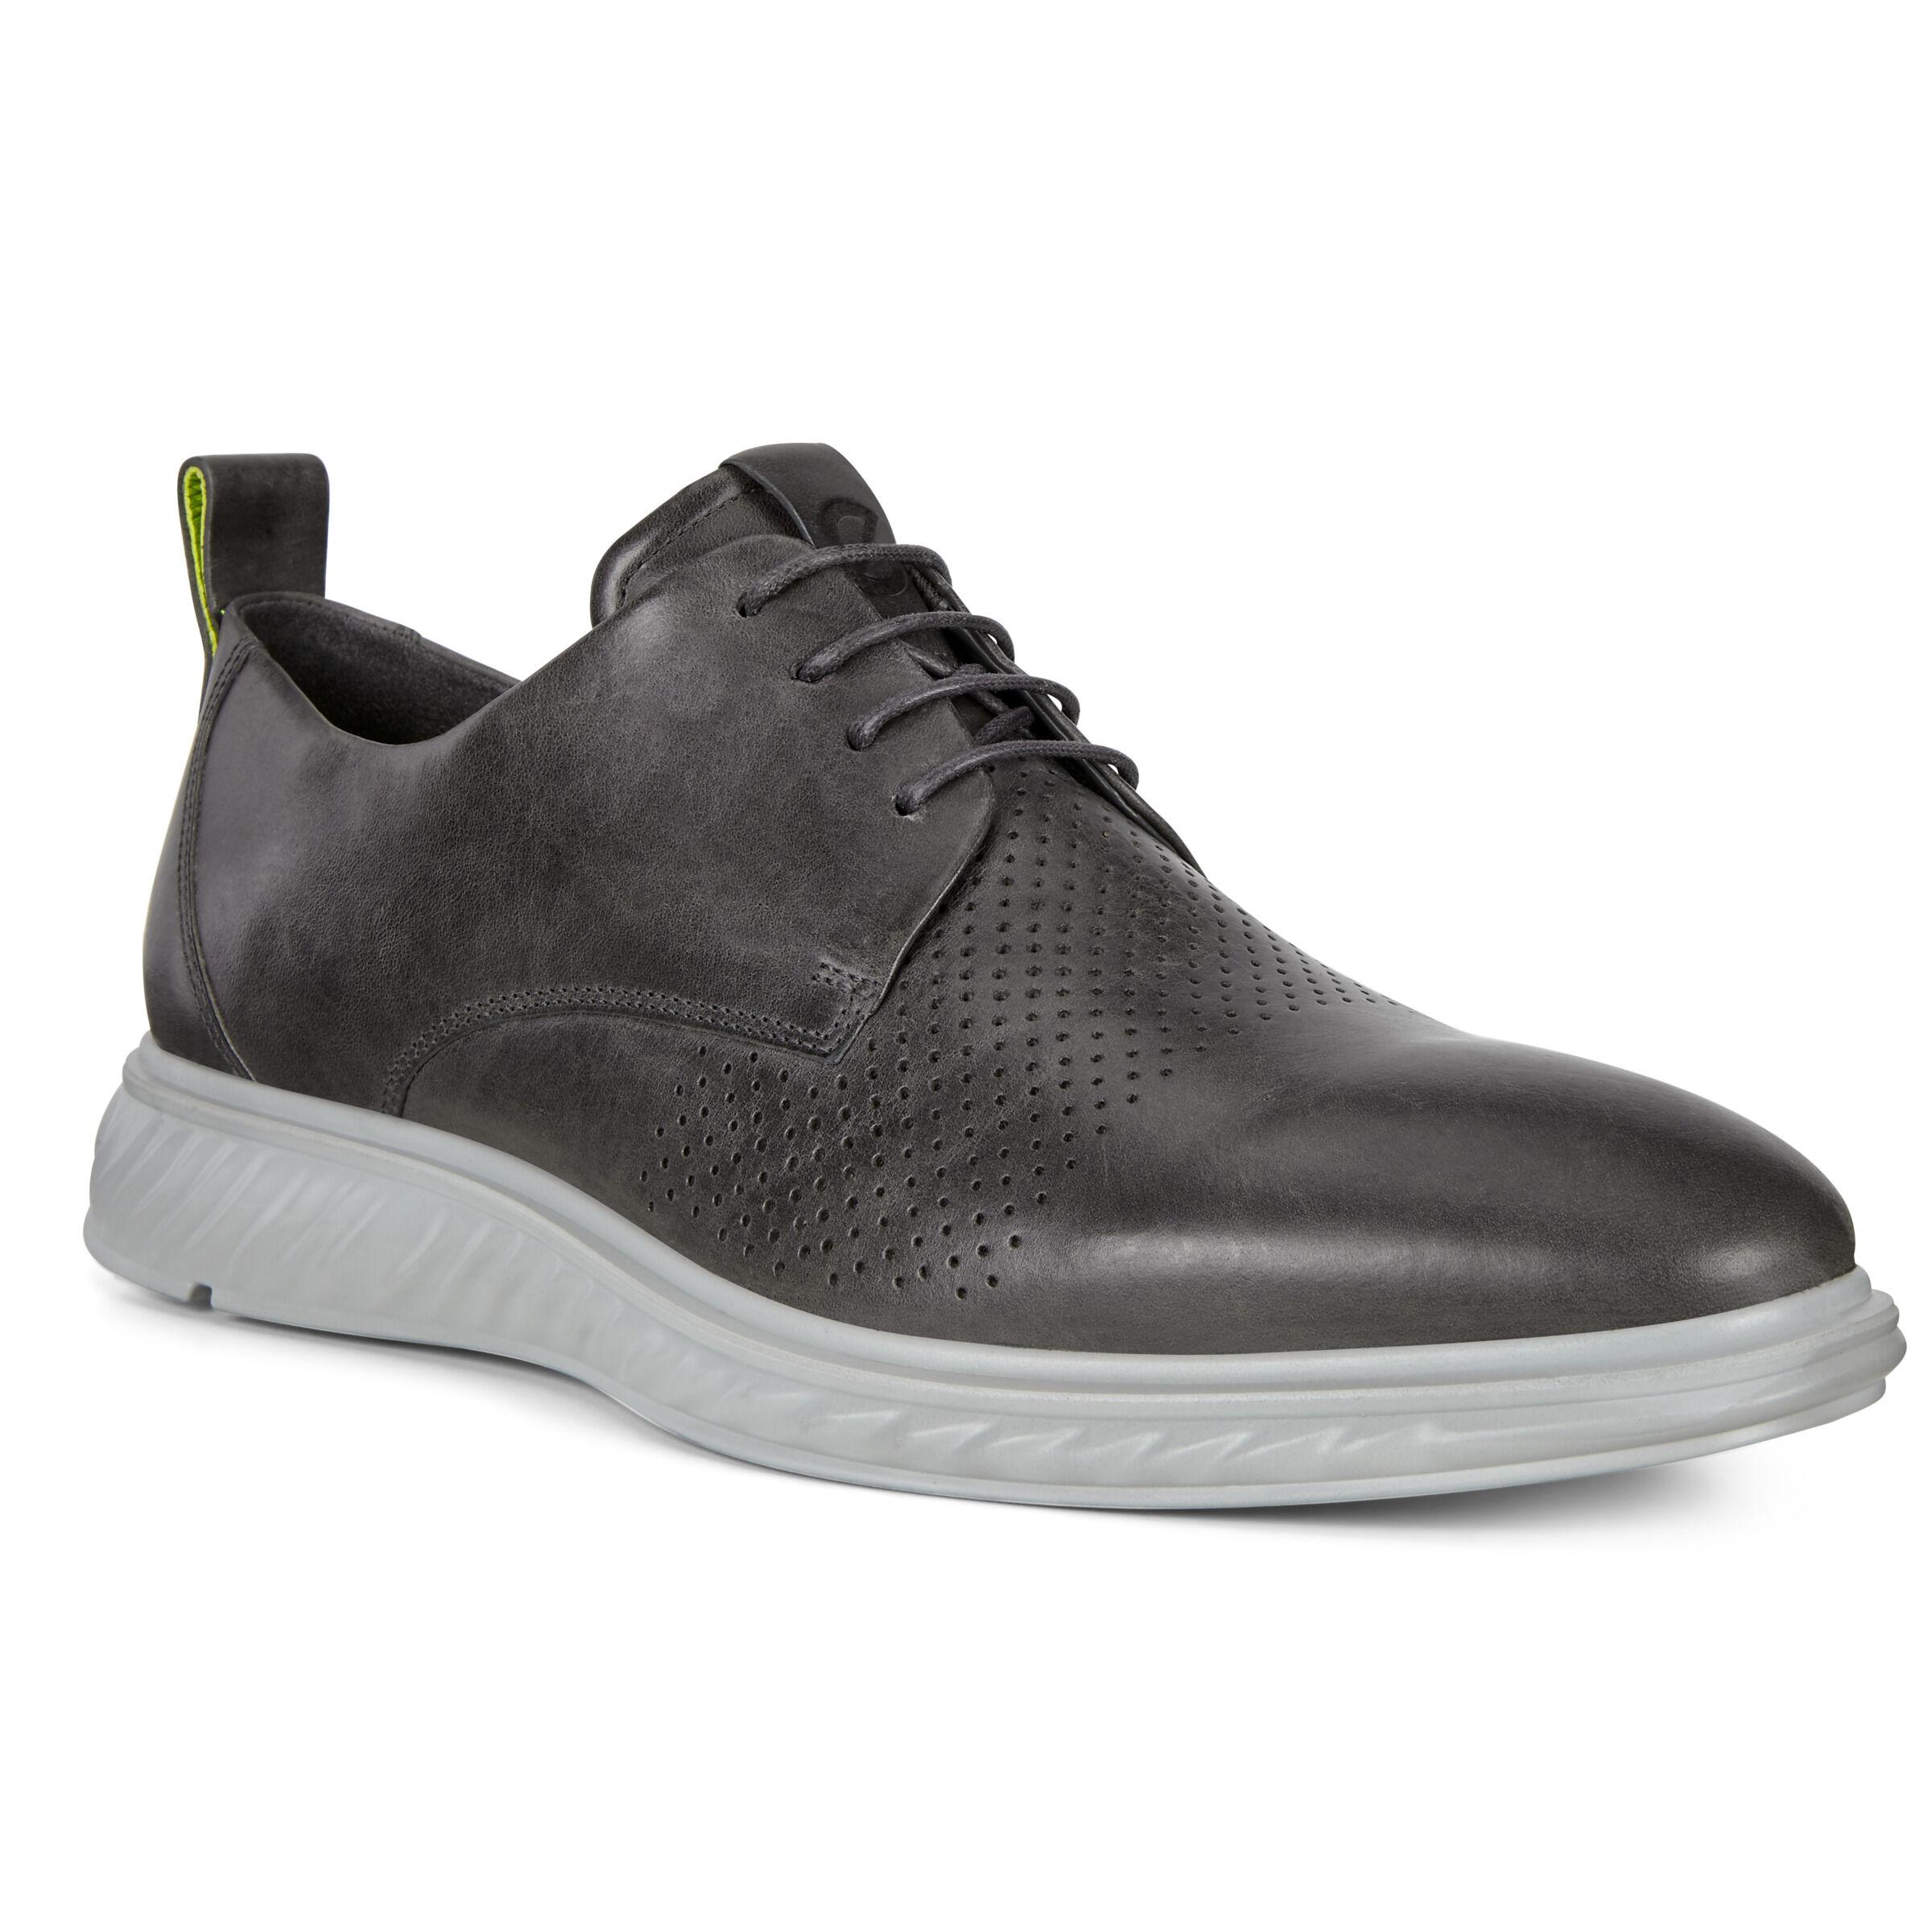 에코 St. 1 하이브리드 라이트 슈즈 ECCO ST.1 Hybrid Lite Plain-Toe Derby Shoes,TITANIUM